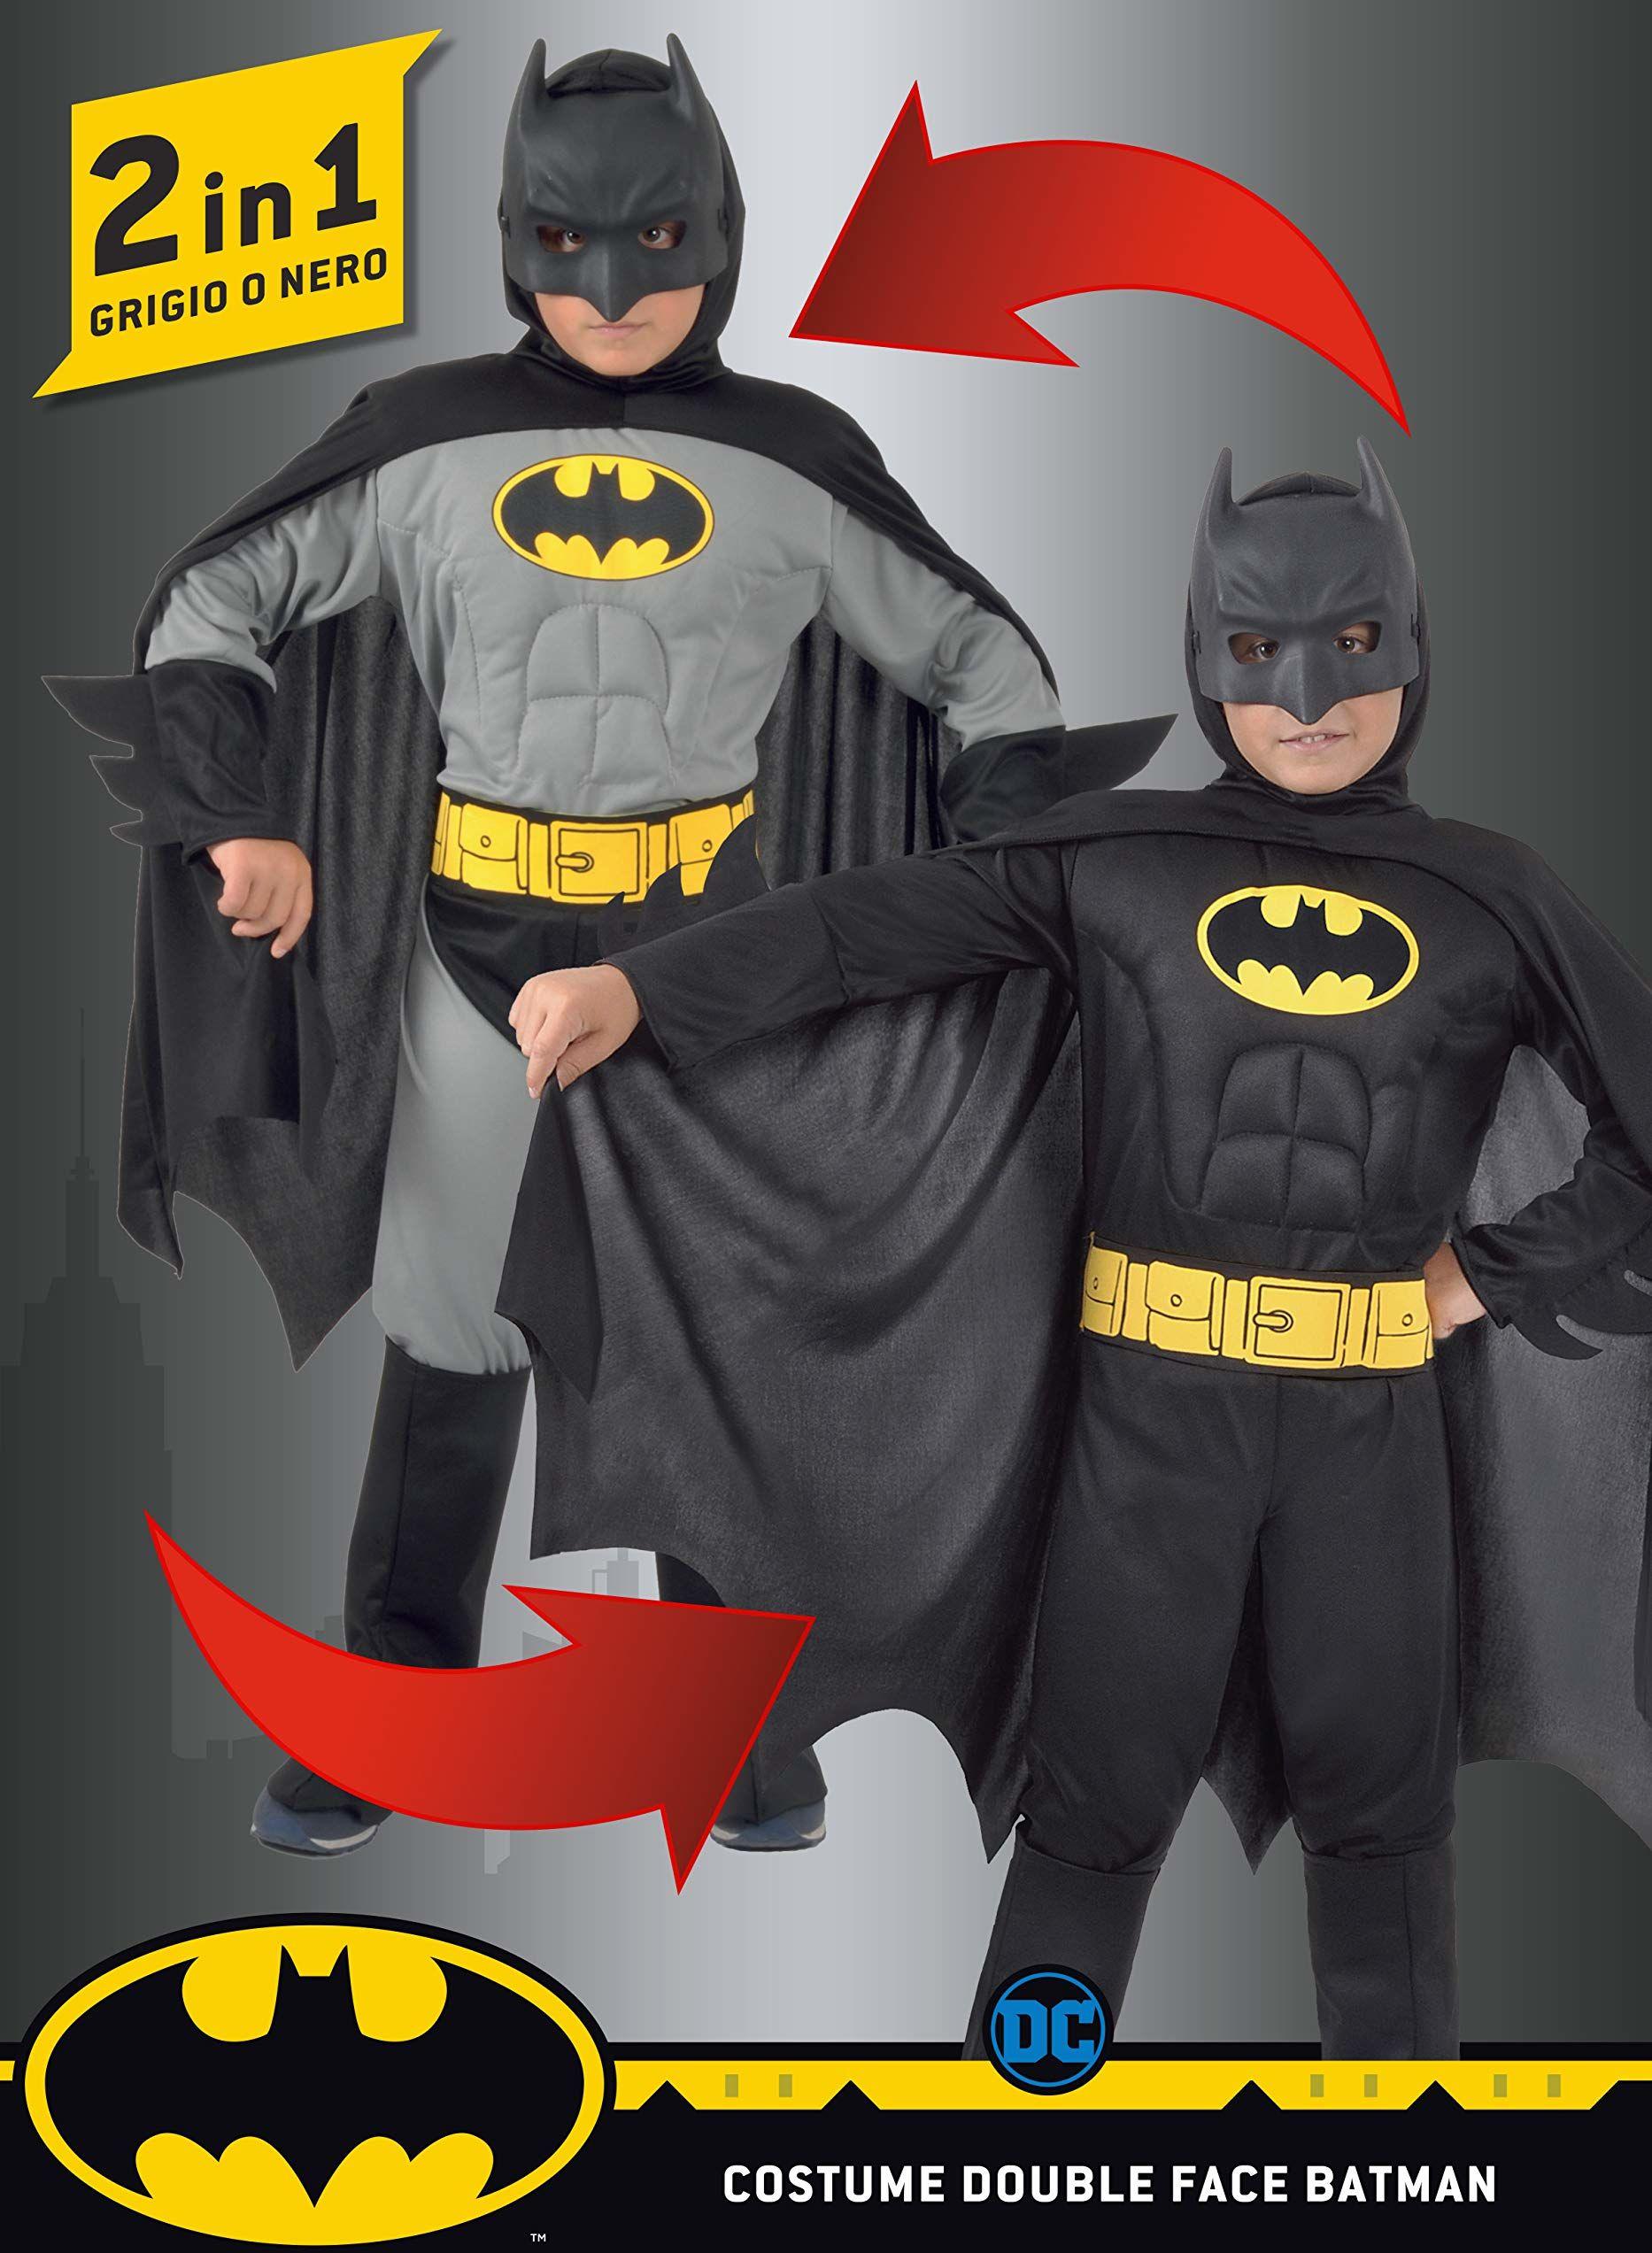 Ciao -Batman 2-w-1 (Classic/Dark Knight) oryginalny kostium komiksowy DC (rozmiar 10-12 lat) z wyściełanymi mięśniami klatki piersiowej, czarny, Girgio, 11720.10-12